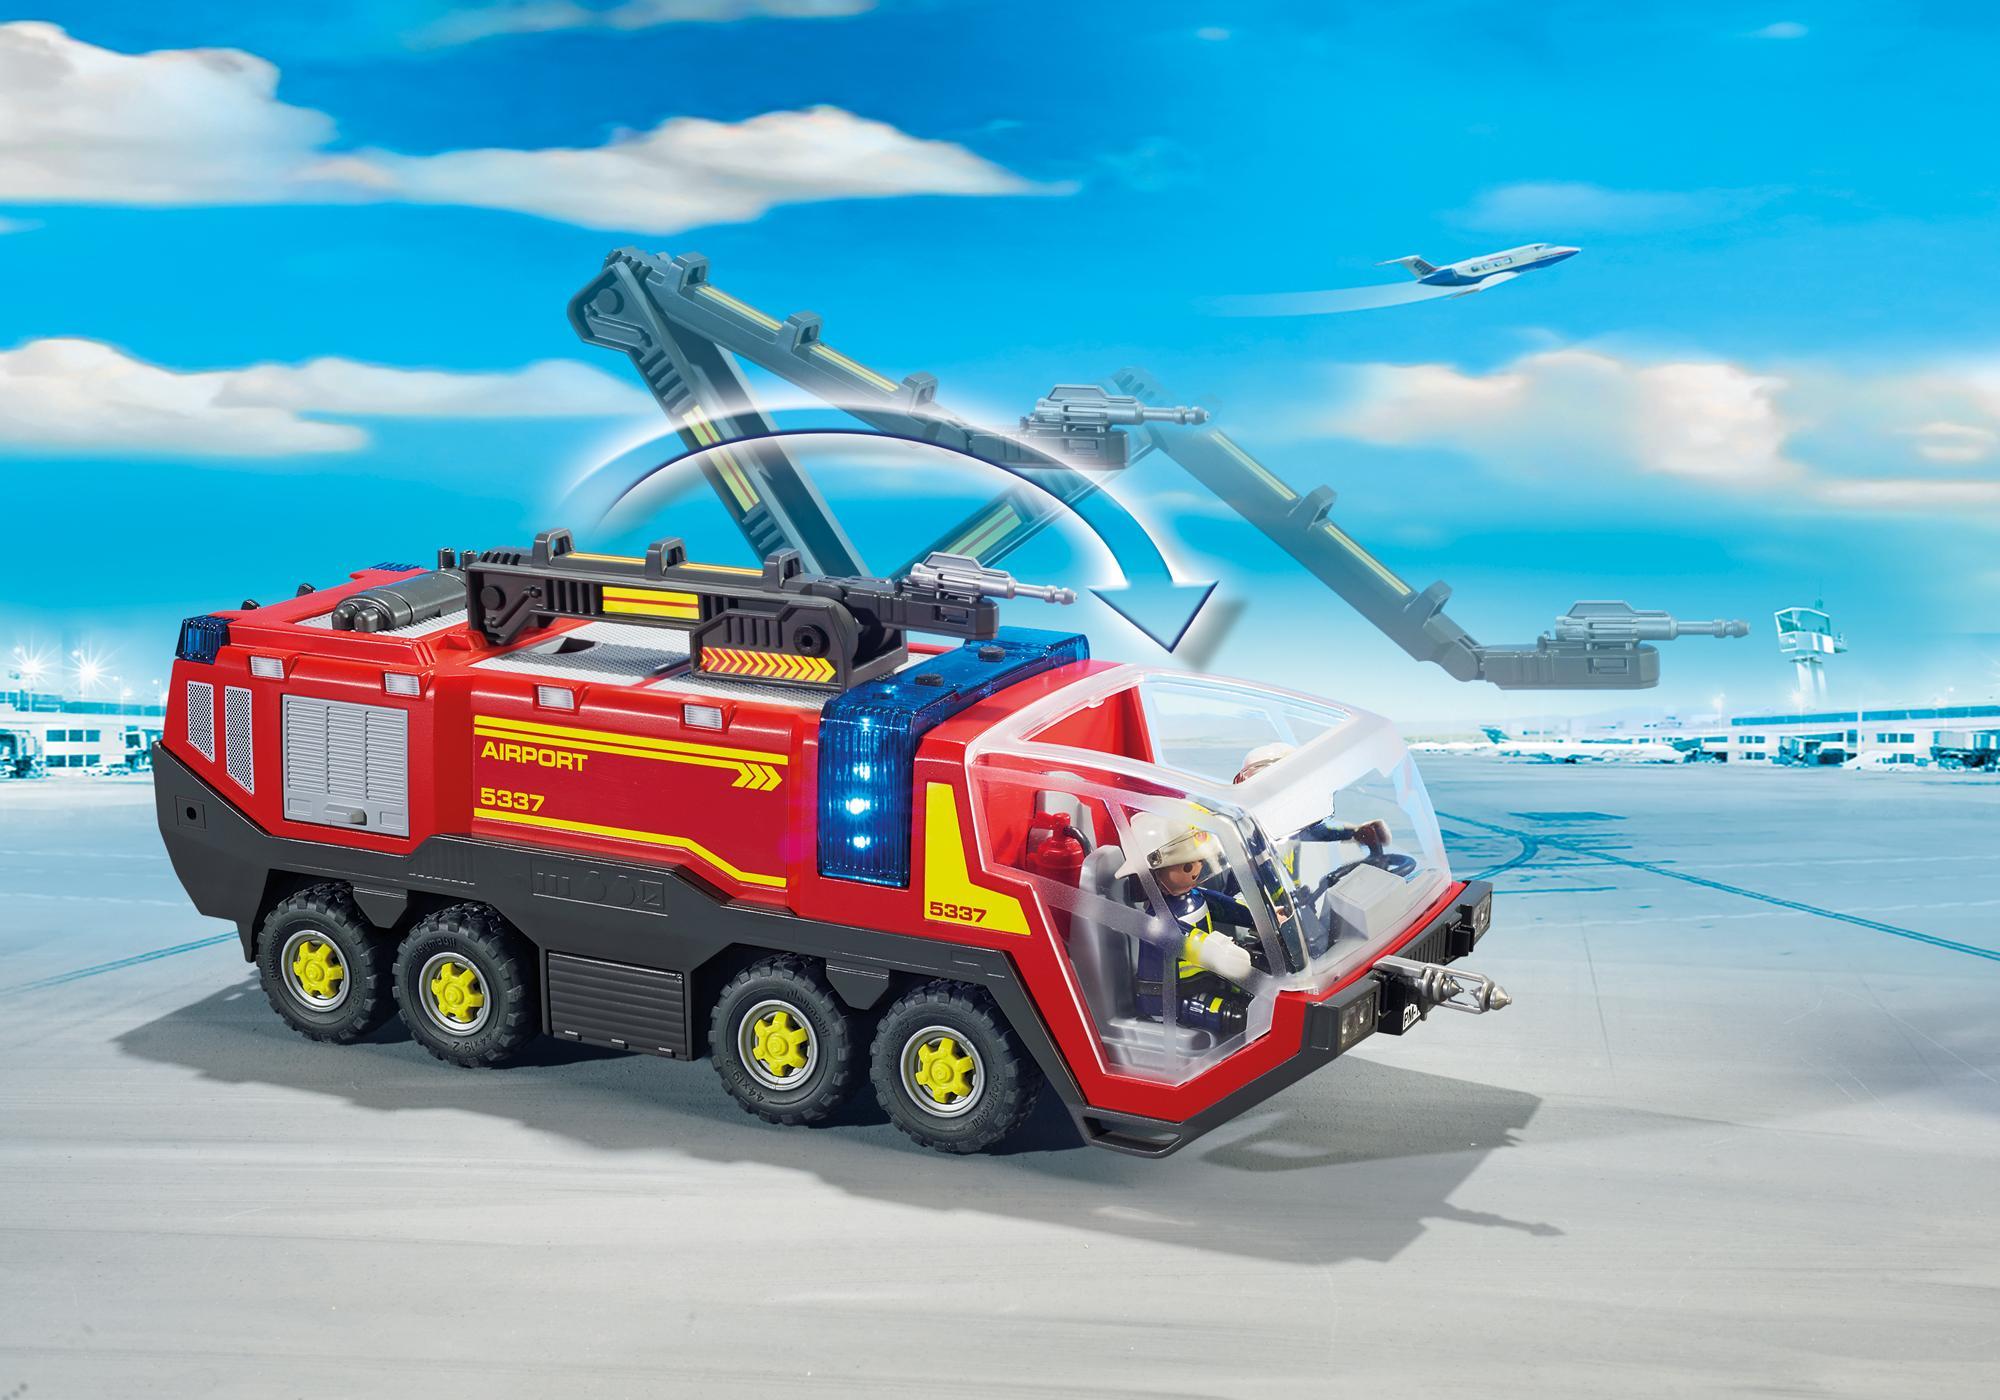 http://media.playmobil.com/i/playmobil/5337_product_extra4/Camião de bombeiros do Aeroporto